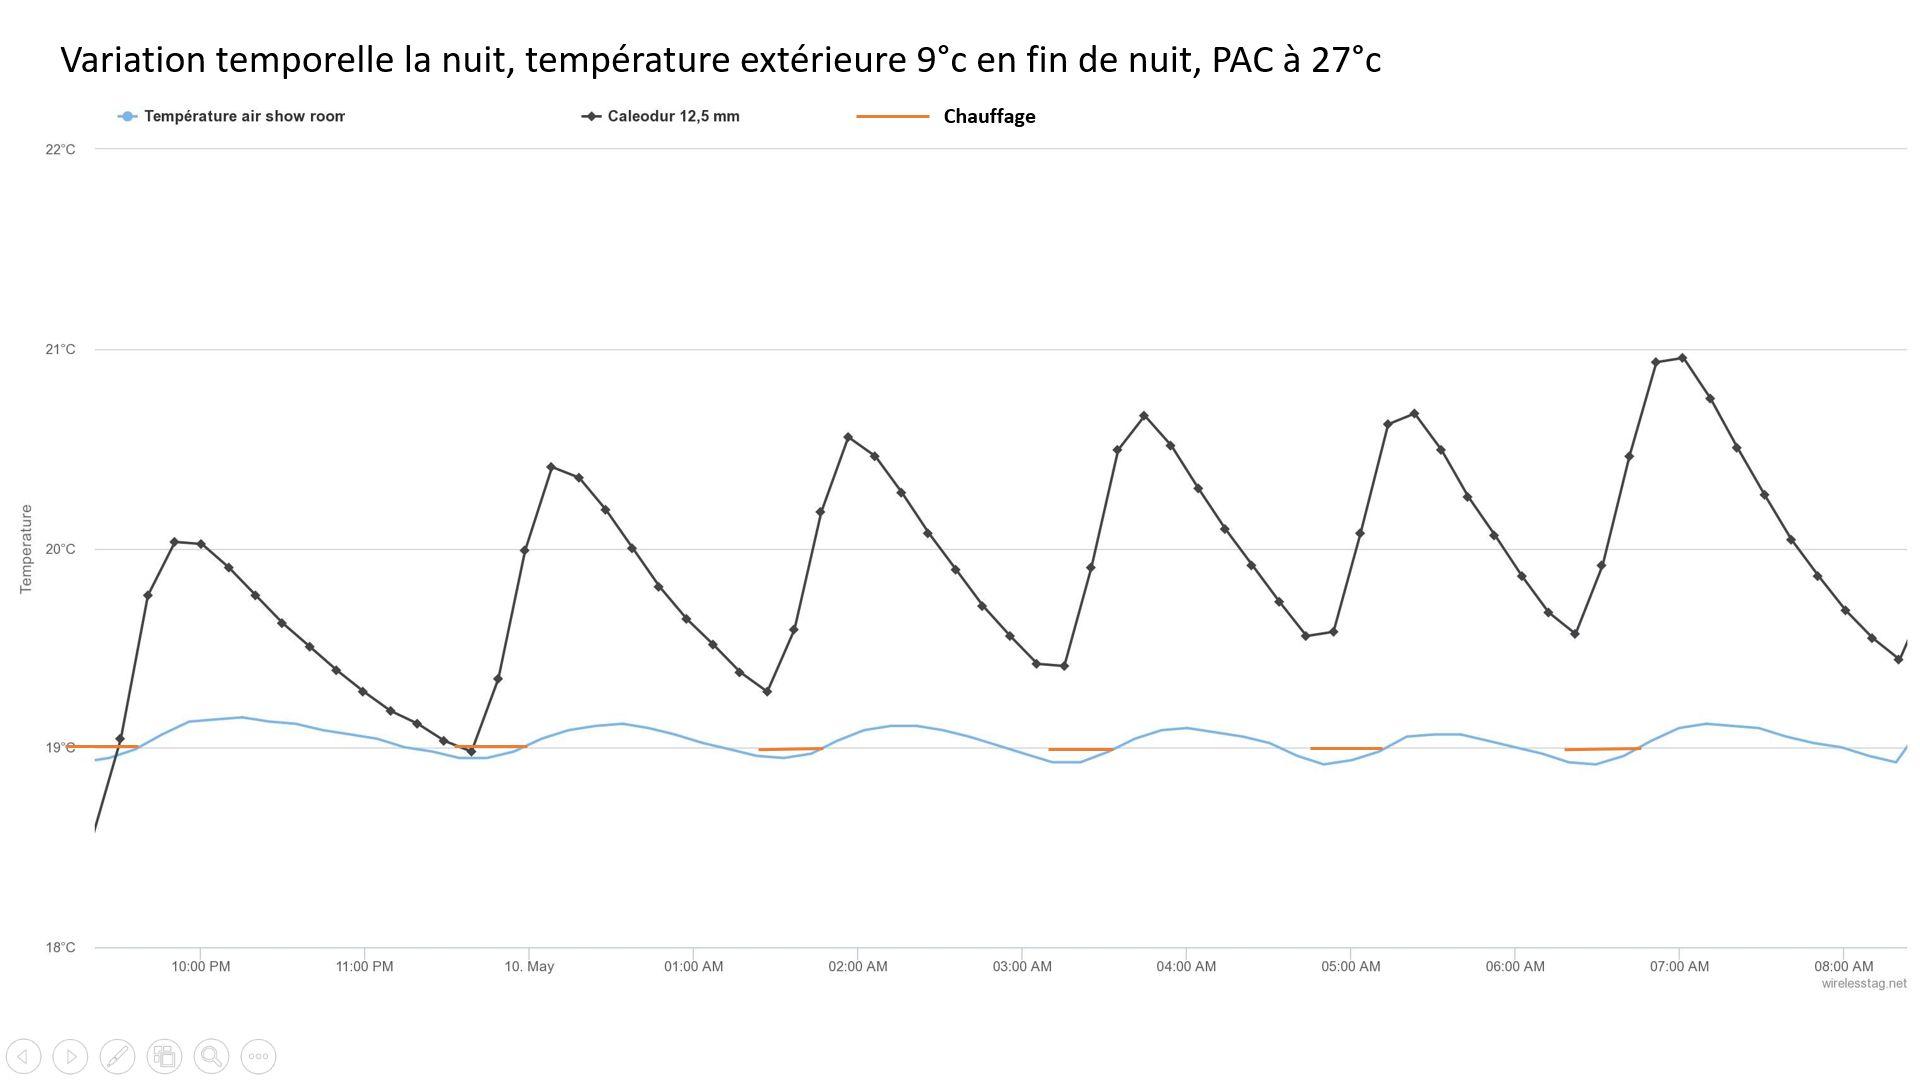 Faible variation de la température en étage grâce à un plancher chauffant